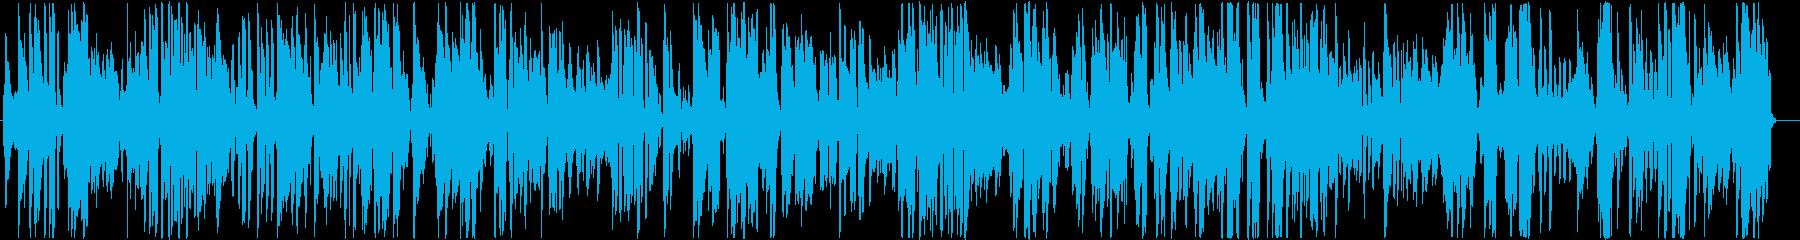 クラシックお洒落ジャズピアノ軽快サックスの再生済みの波形